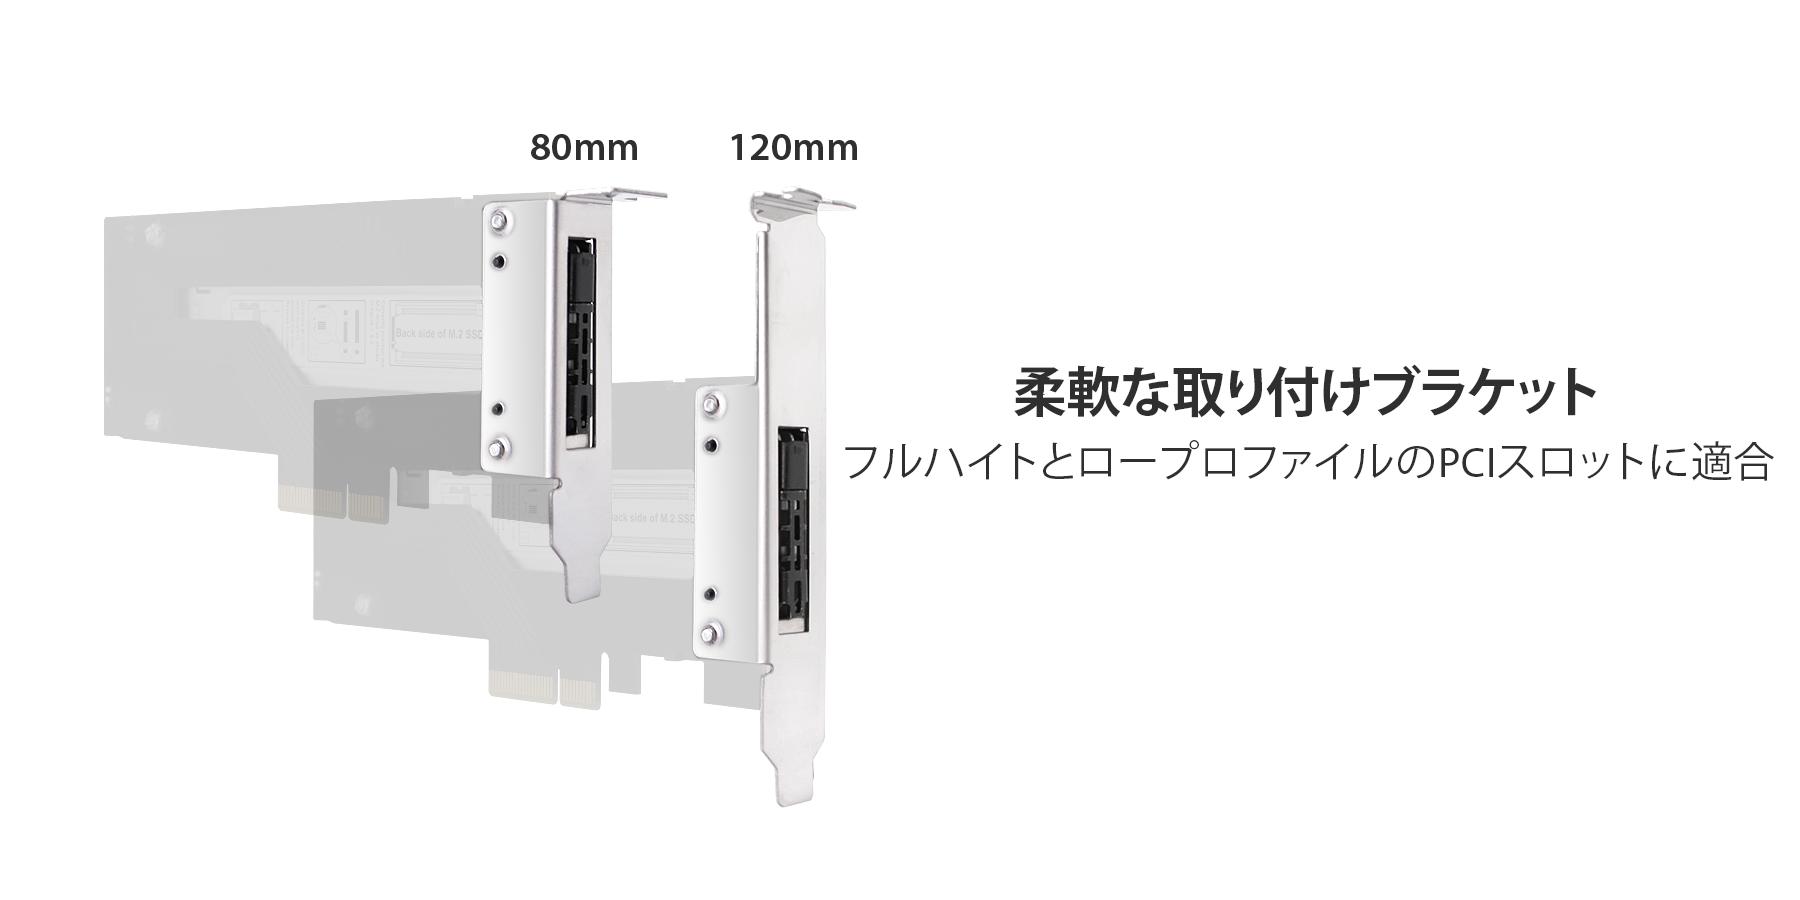 mb840m2p-b さまざまなシステムの高さをサポート